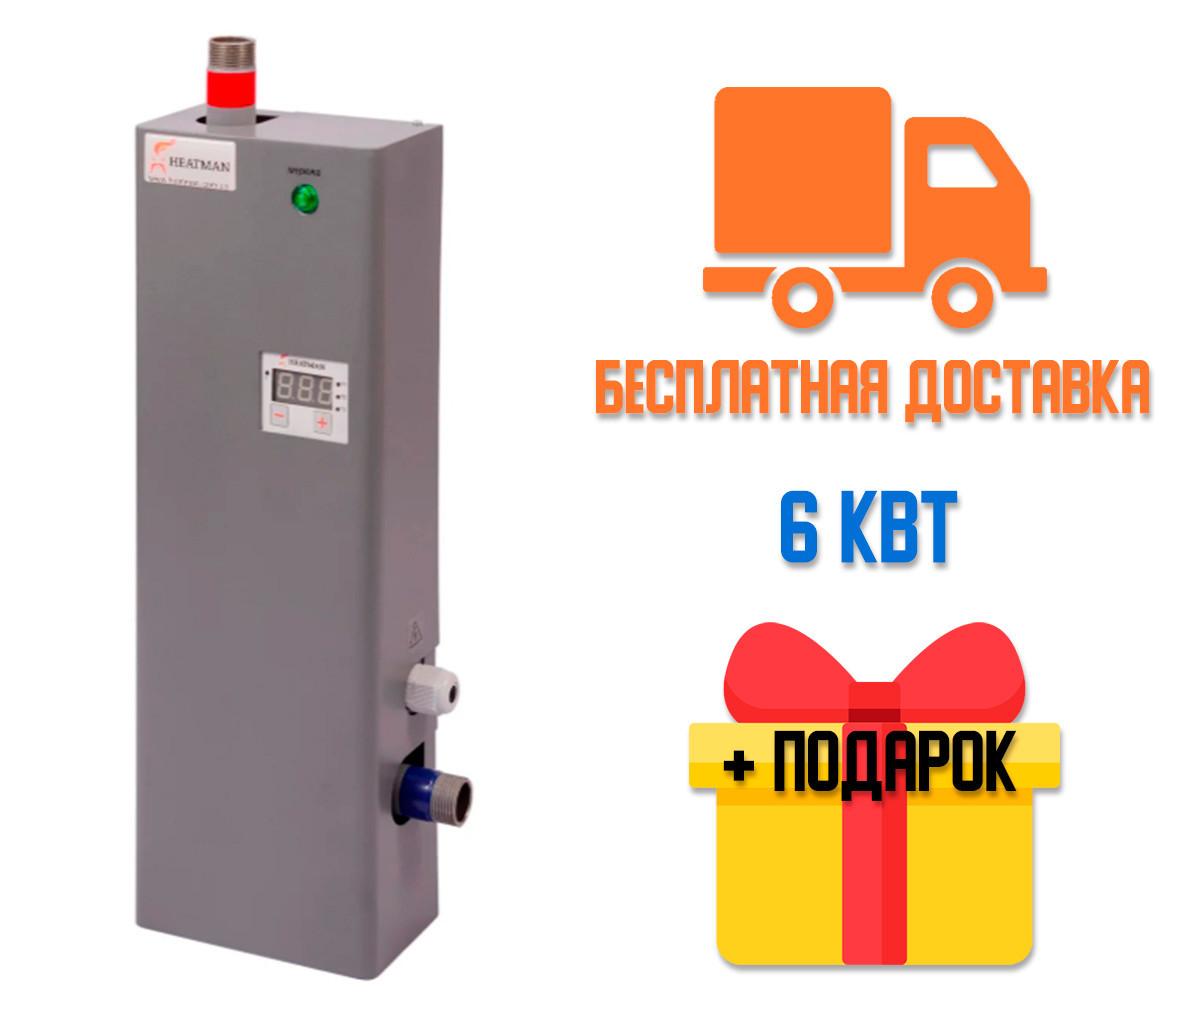 Котел электрический Heatman 6 кВт